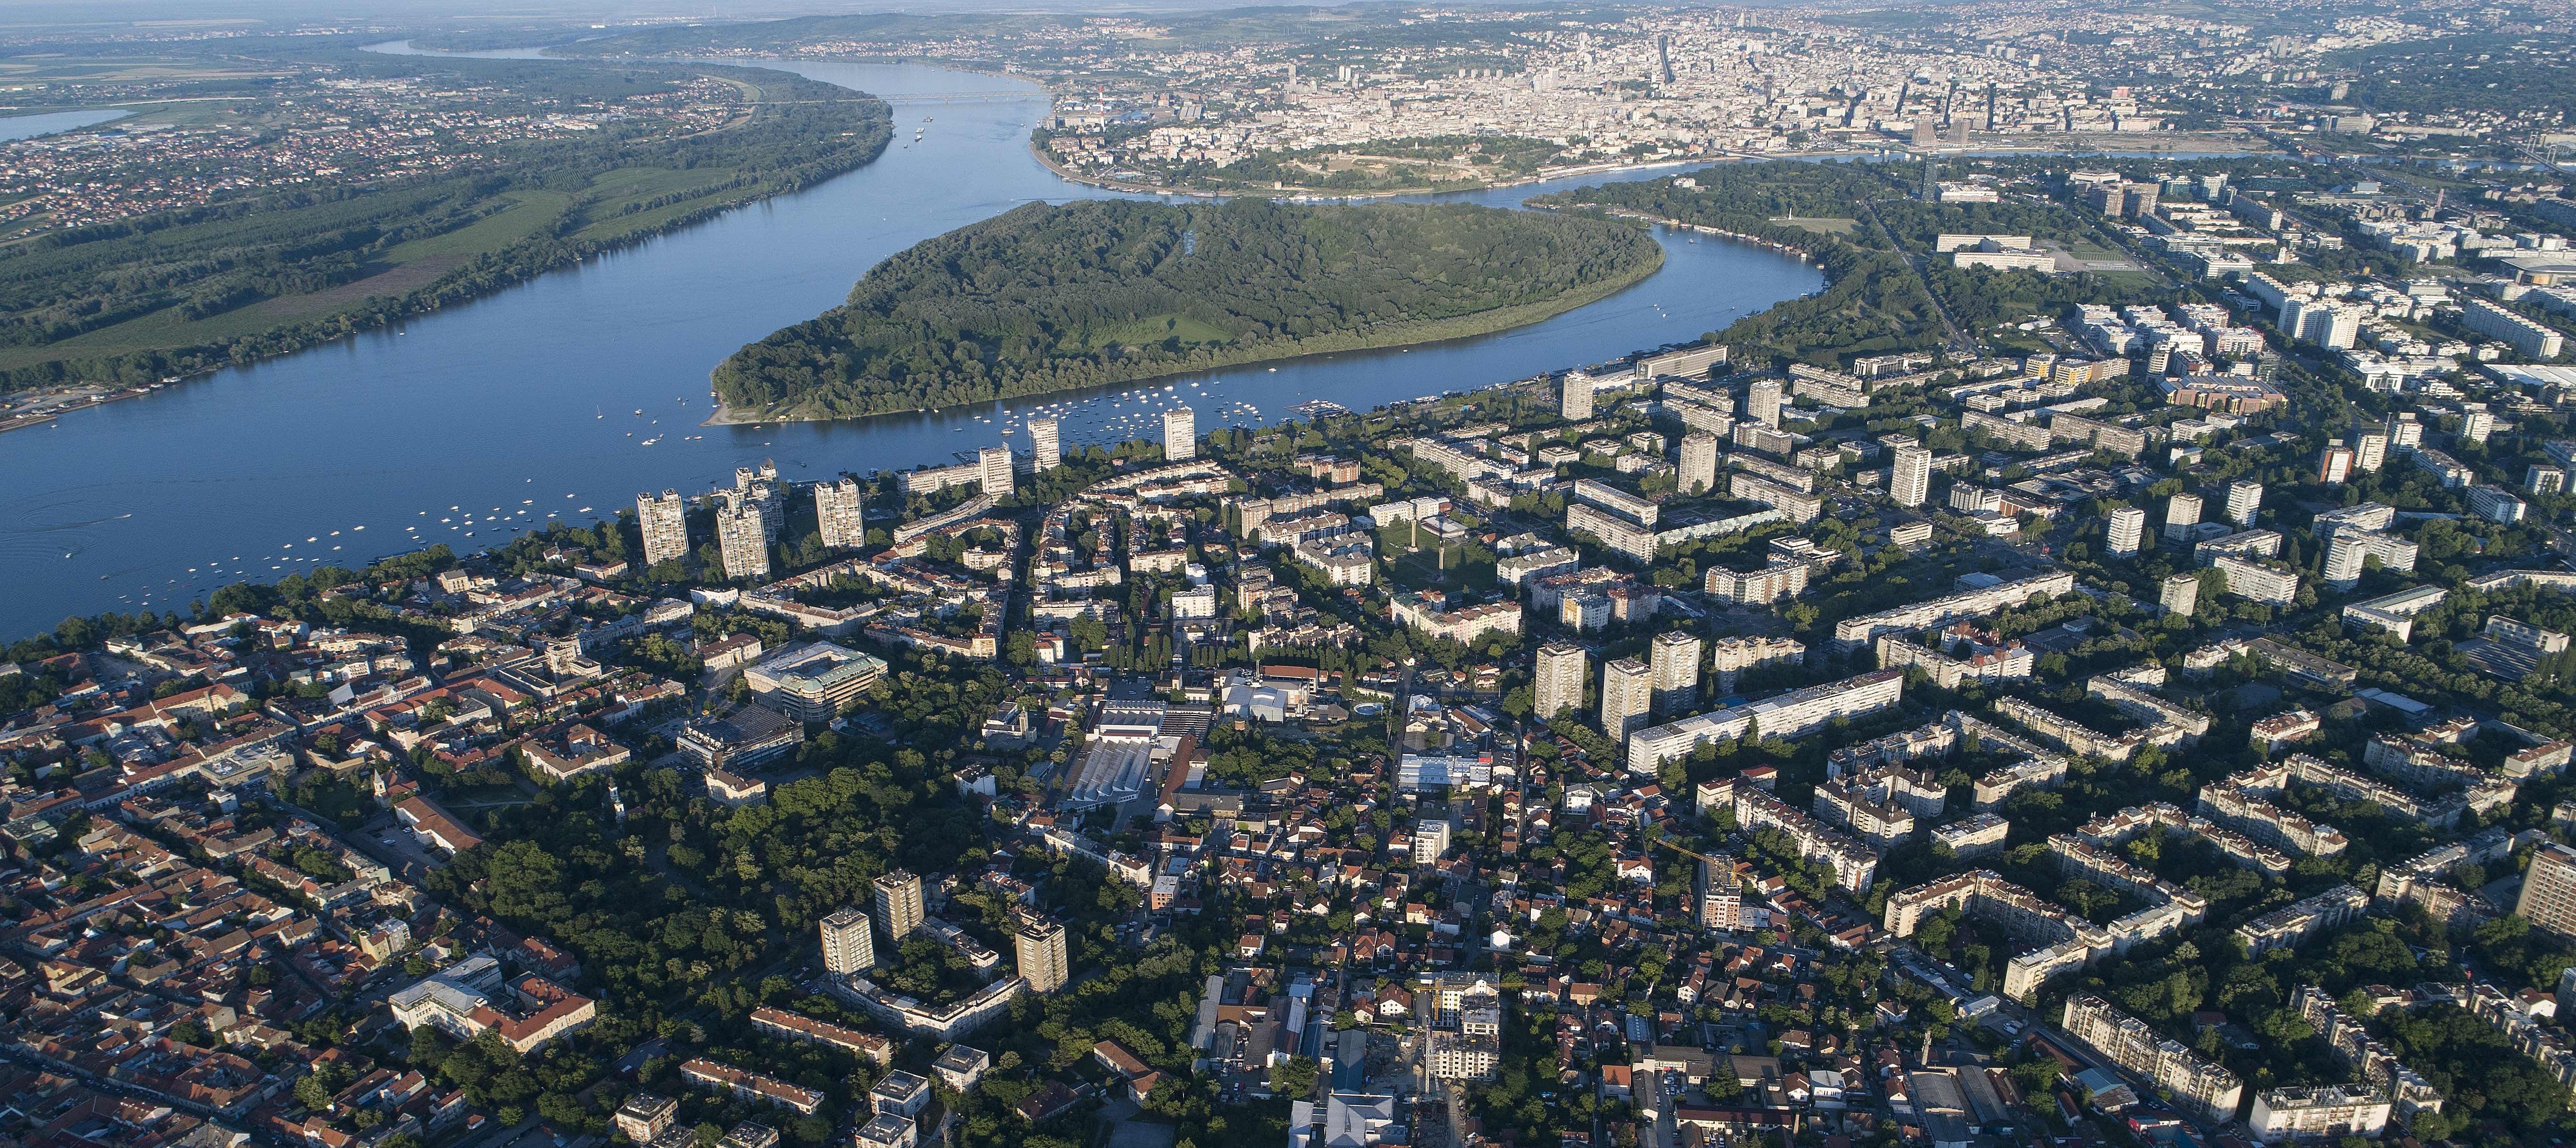 Beograd u slici - Page 4 Belgrade_aerial_k1-copy